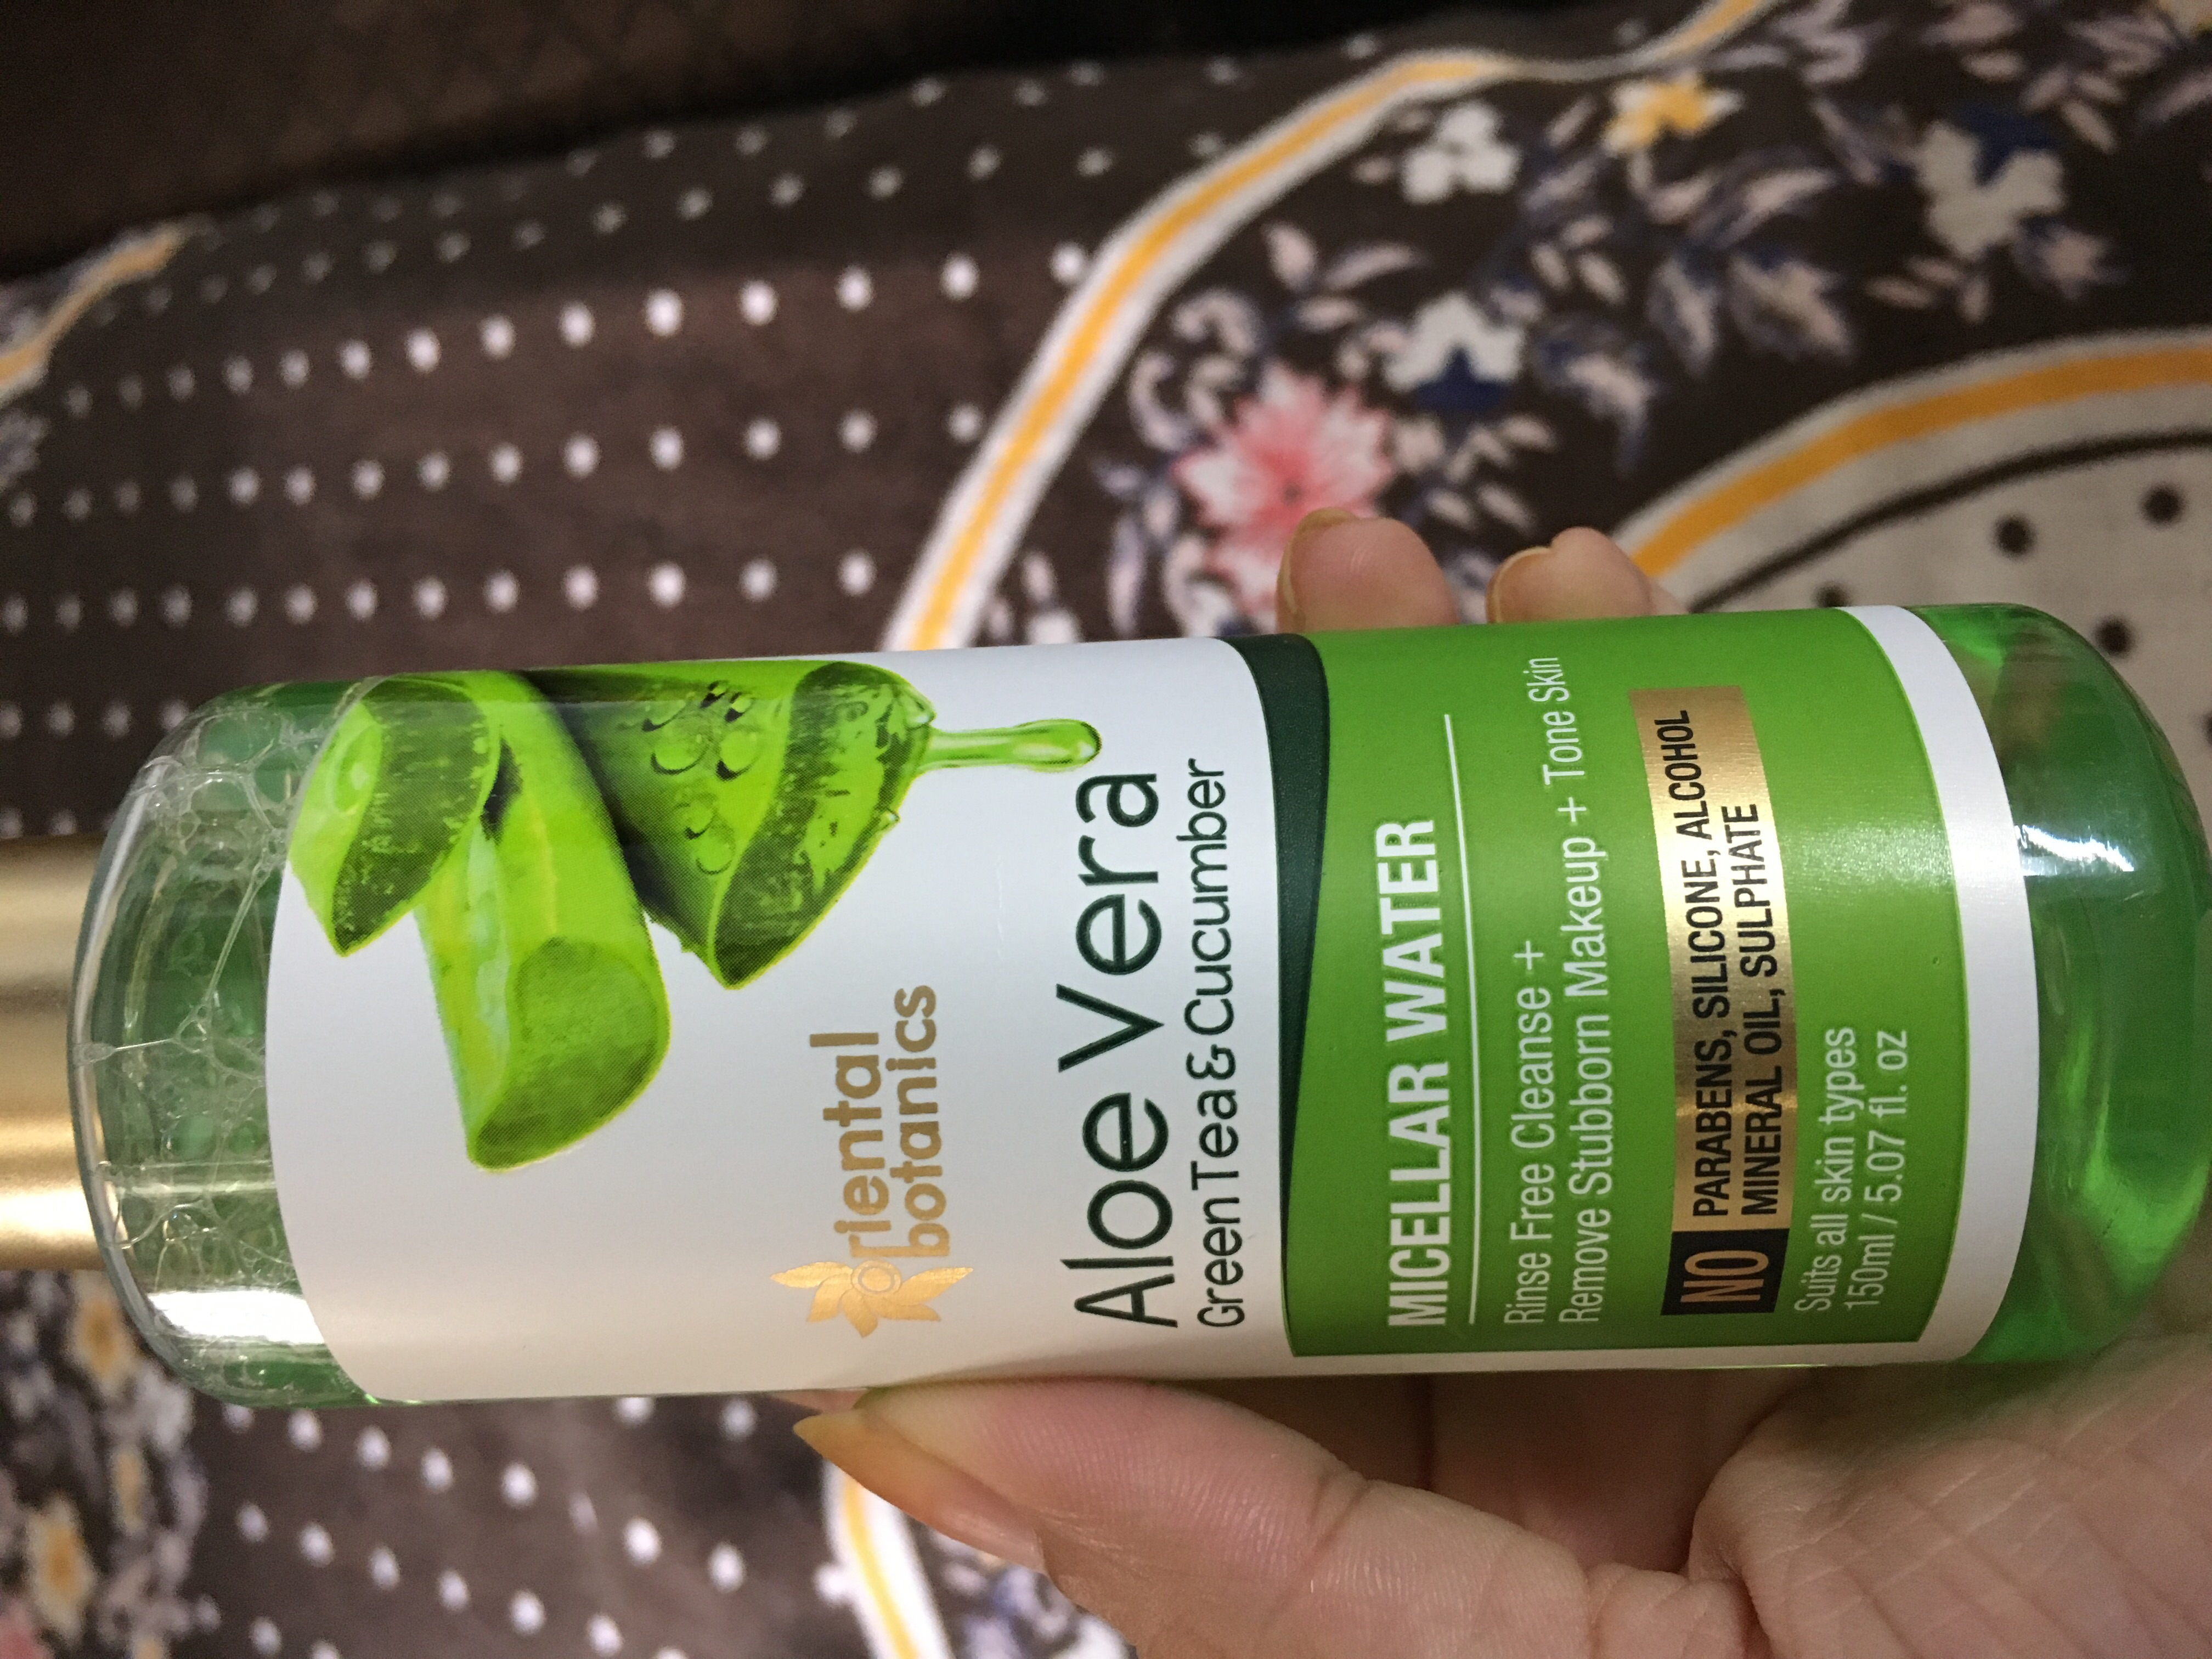 Oriental Botanics Aloe Vera, Green Tea & Cucumber Micellar Water-Love it-By pooja04